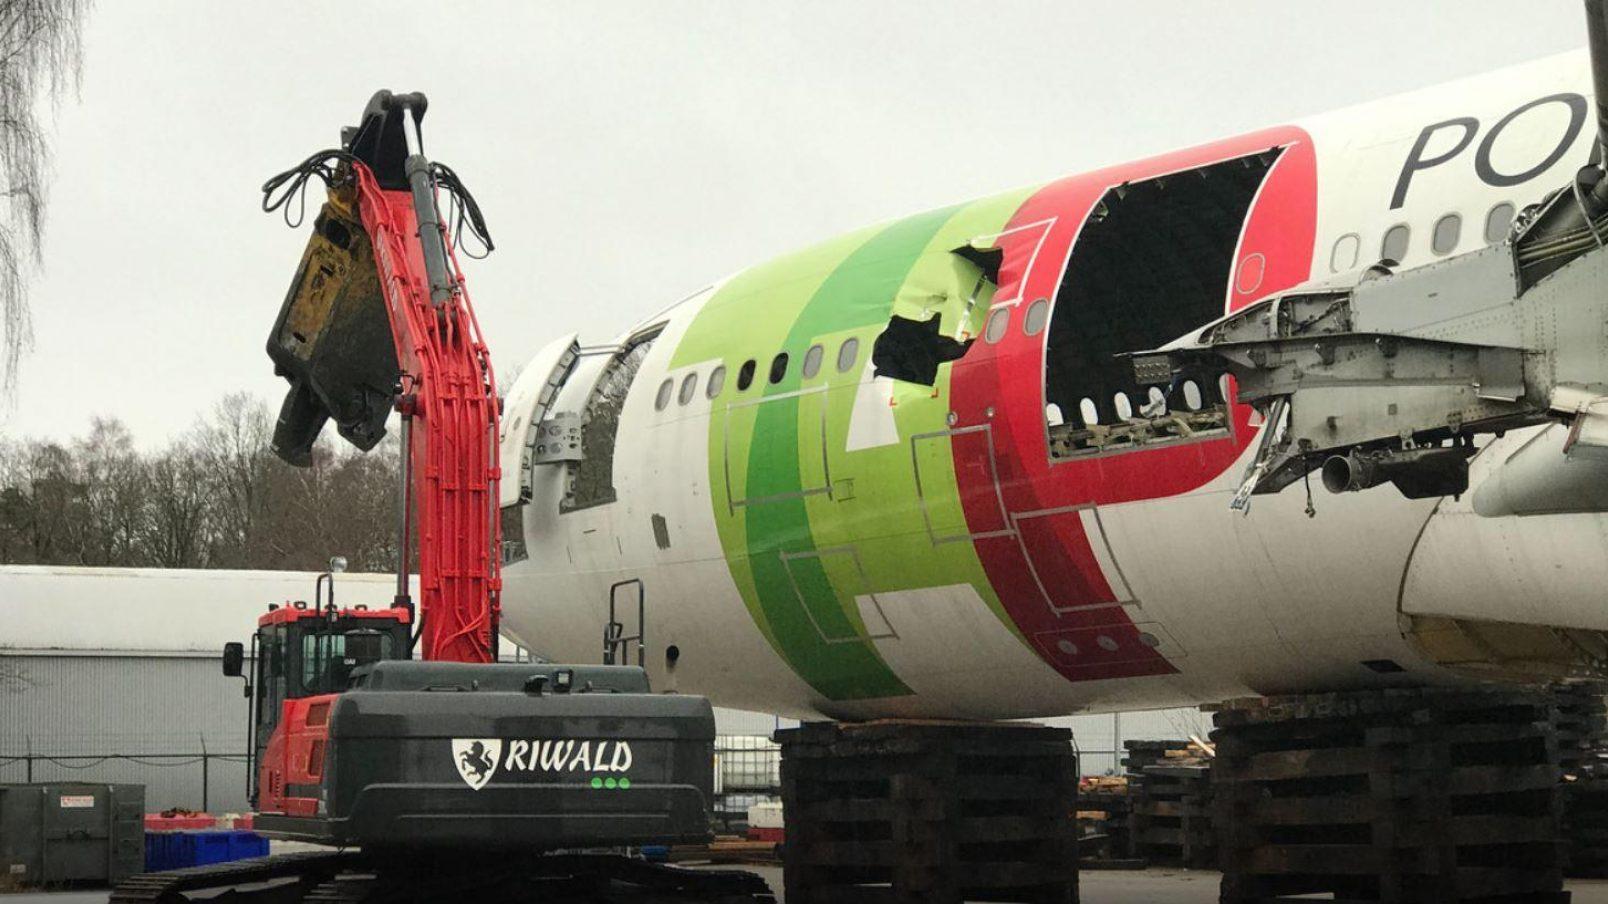 AELS en Riwald slopen en recyclen samen vliegtuigen op Twente Airport